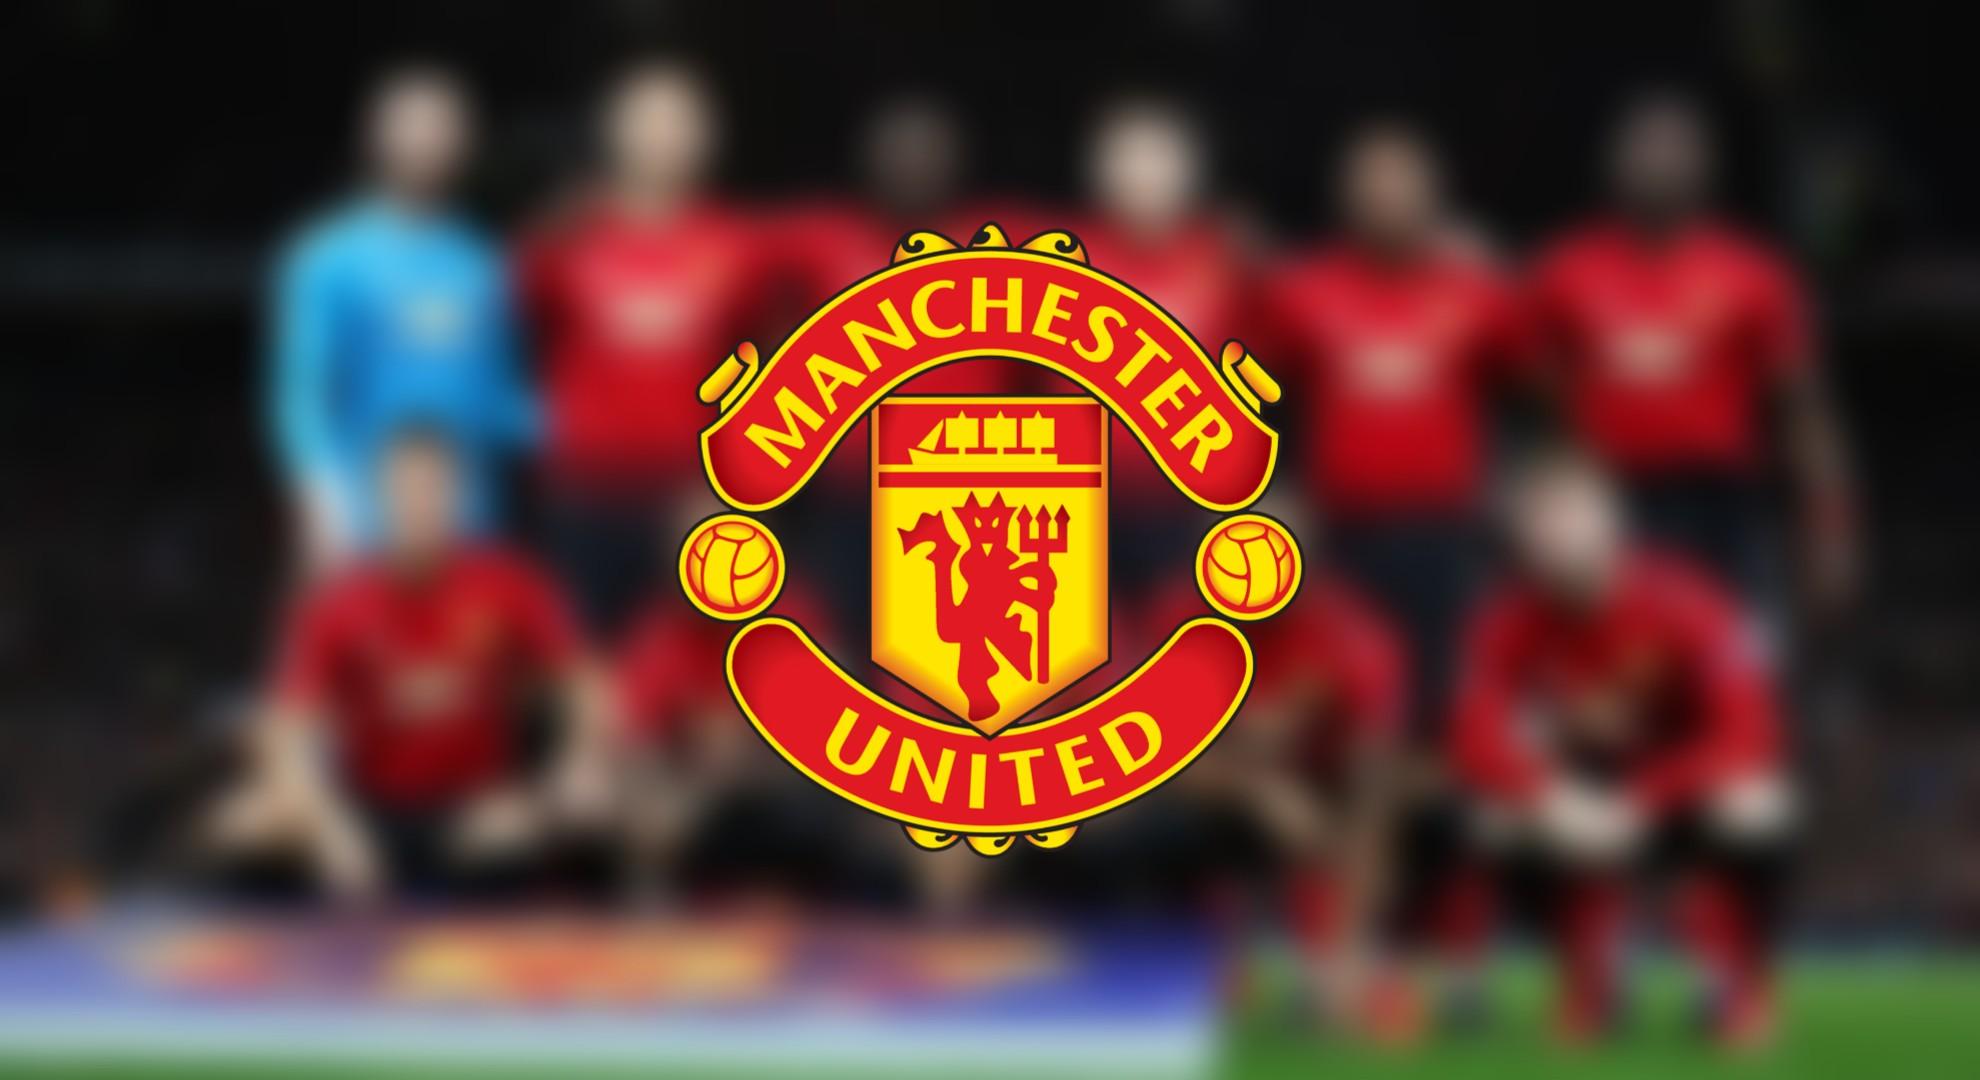 Senarai Pemain Manchester United 2019 2020 Terkini Arenasukan